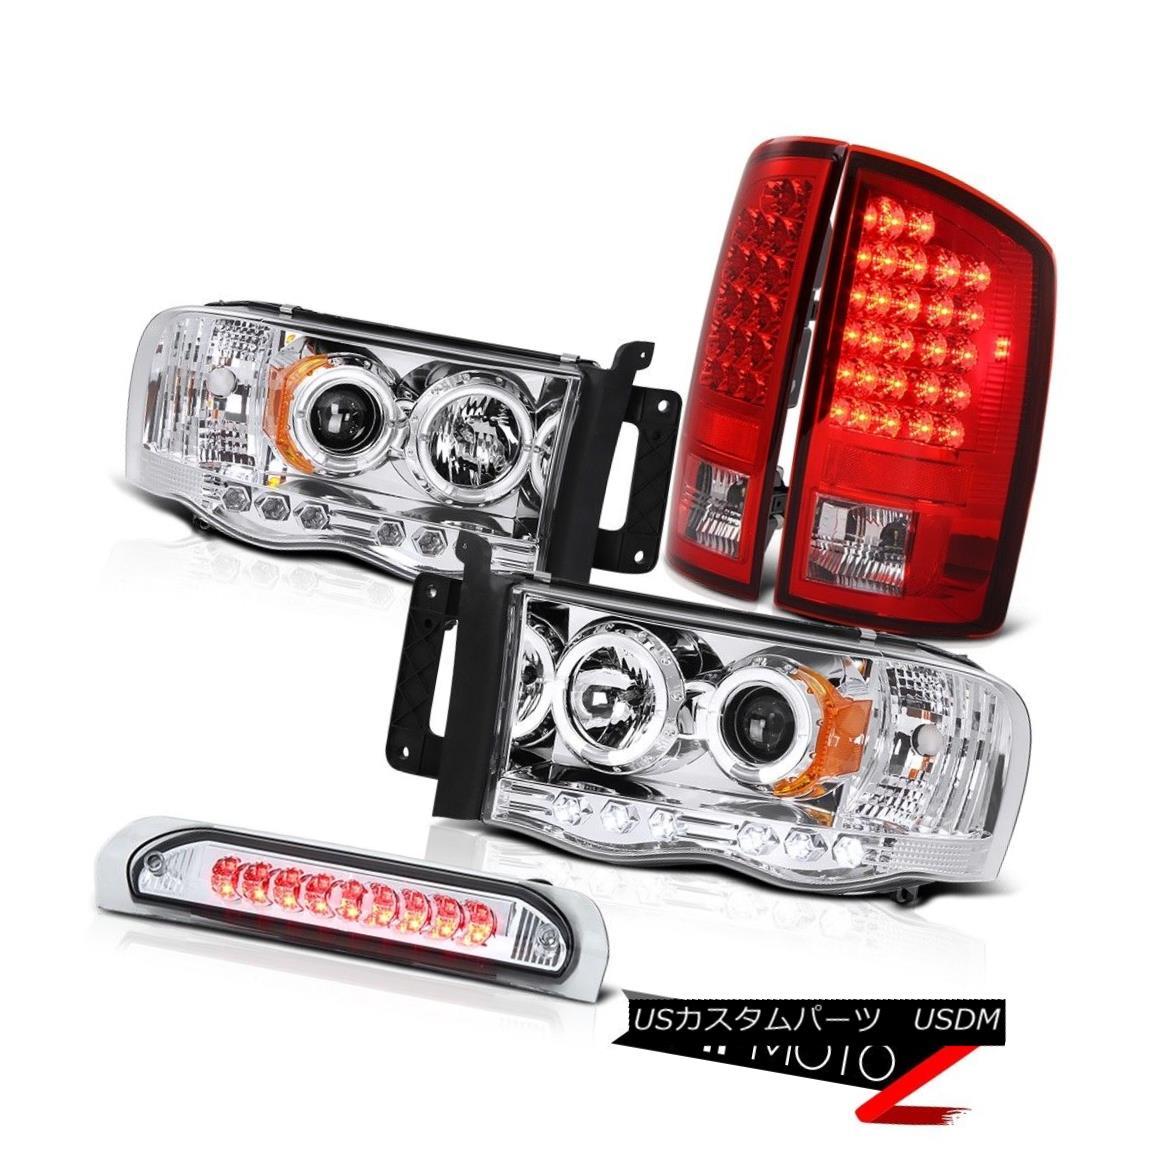 テールライト 2002-2005 Ram Chrome LED 3RD Third Brake Tail Light Halo Projector Headlight NEW 2002-2005ラムクロームLED 3RD第3ブレーキテールライトハロープロジェクターヘッドライトNEW